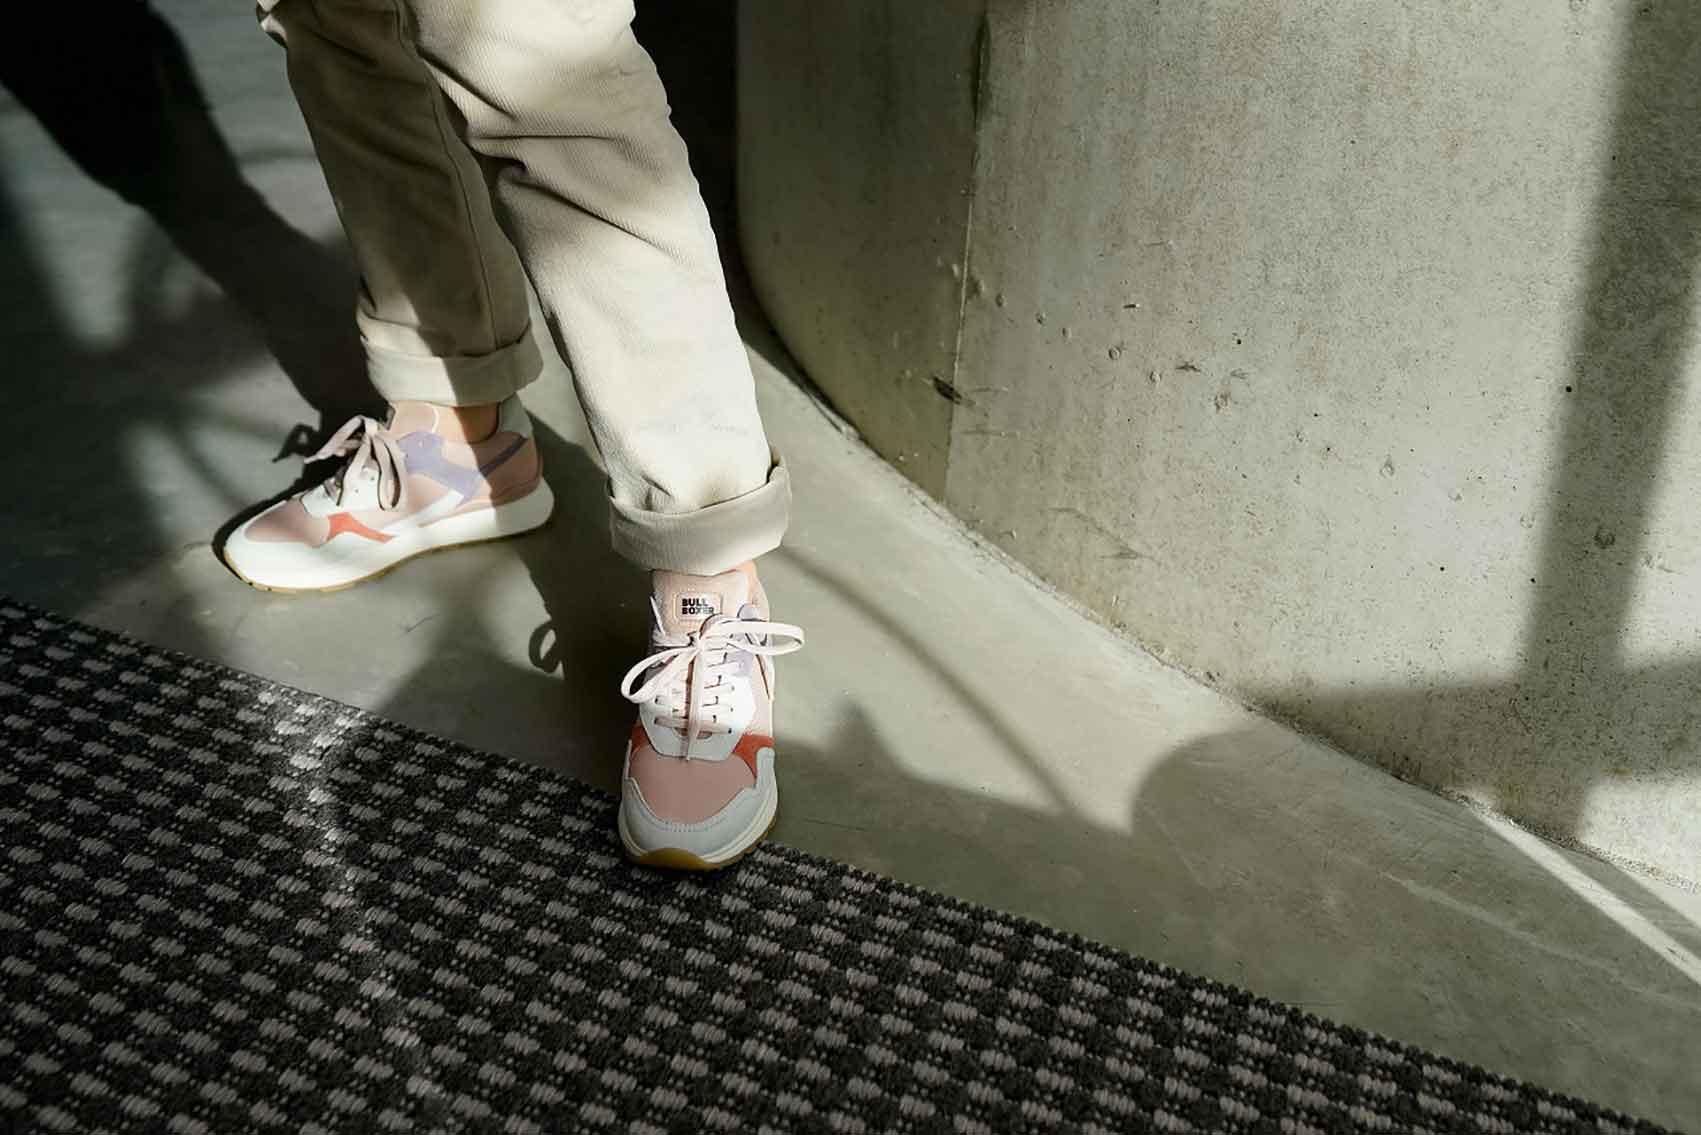 מותג-הנעליים-BULLBOXER-באתר-SHOESONLINE--קרדיט-יחצ-חול